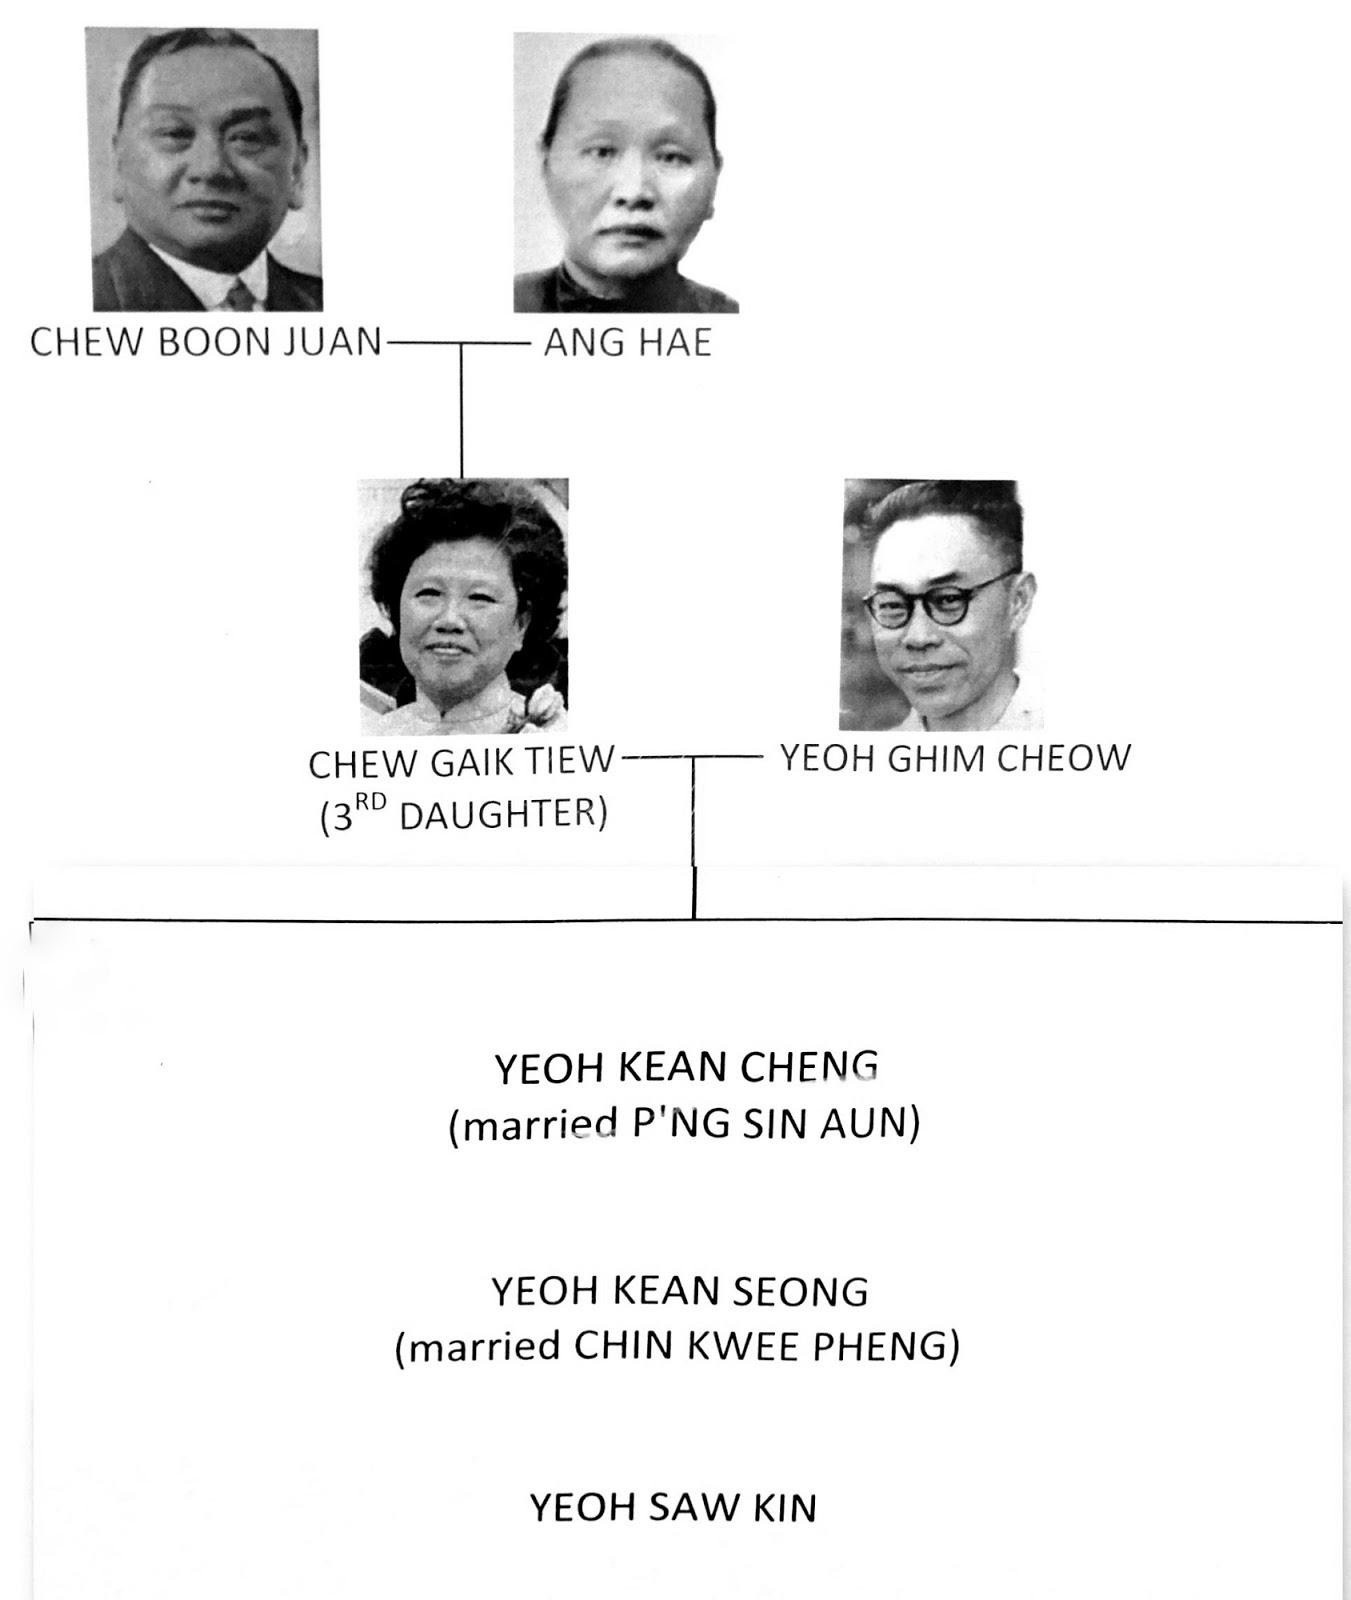 Ban Hoe Seng Sdn Bhd : July 2017